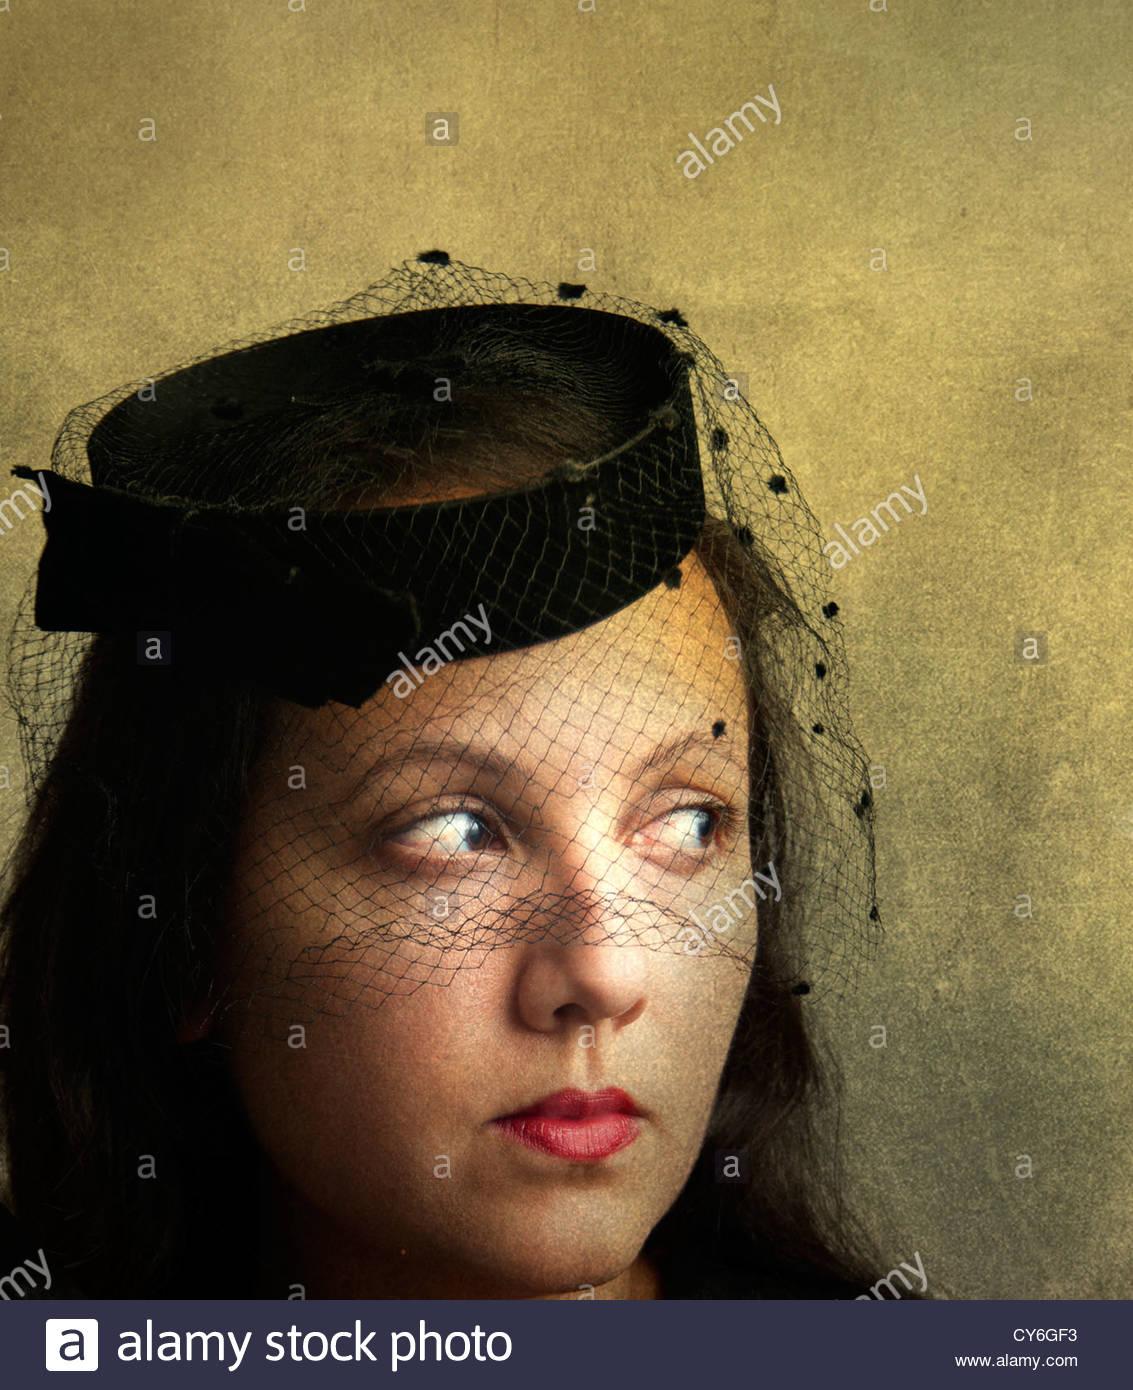 Porträt der geheimnisvolle schöne Frau mit alten altmodischen Pillbox Hut mit Schleier Stockbild